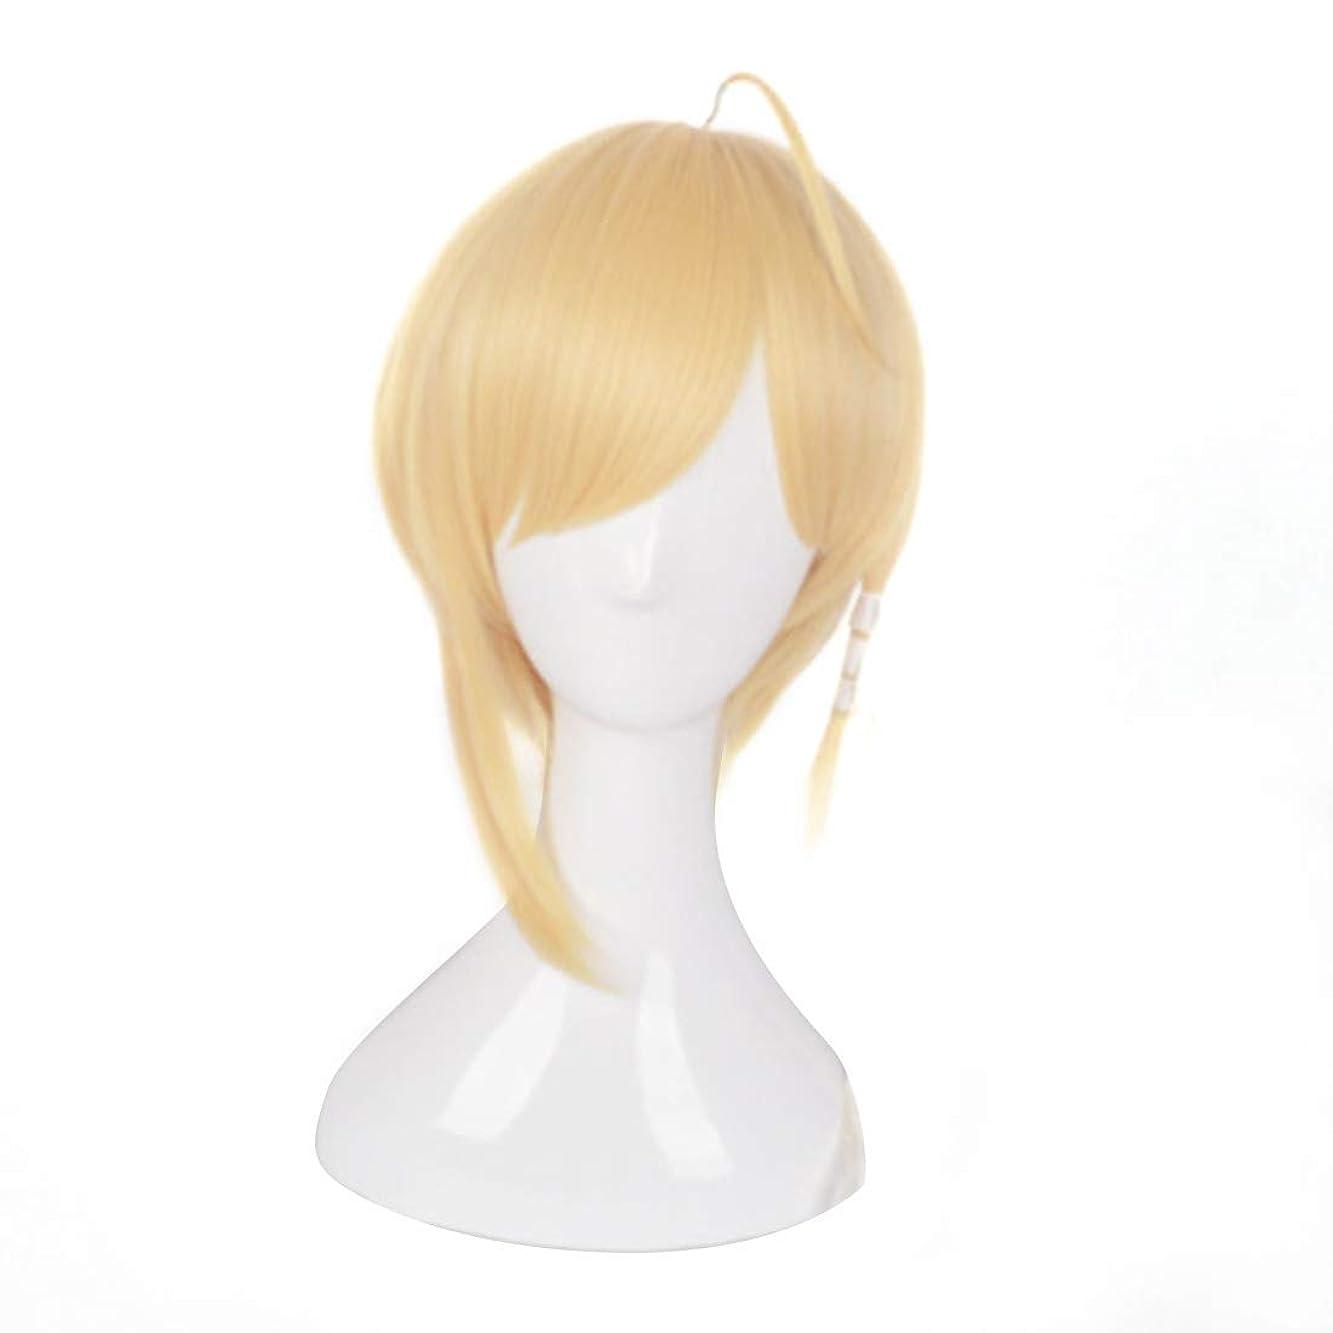 考えたプラスチックワゴンJIANFU コスプレウィッグゴールデンベルコスプレウィッグゴールデンホーンロング&ショートヘア中国のCOSウィッグズフォードリームス (Color : 金色)